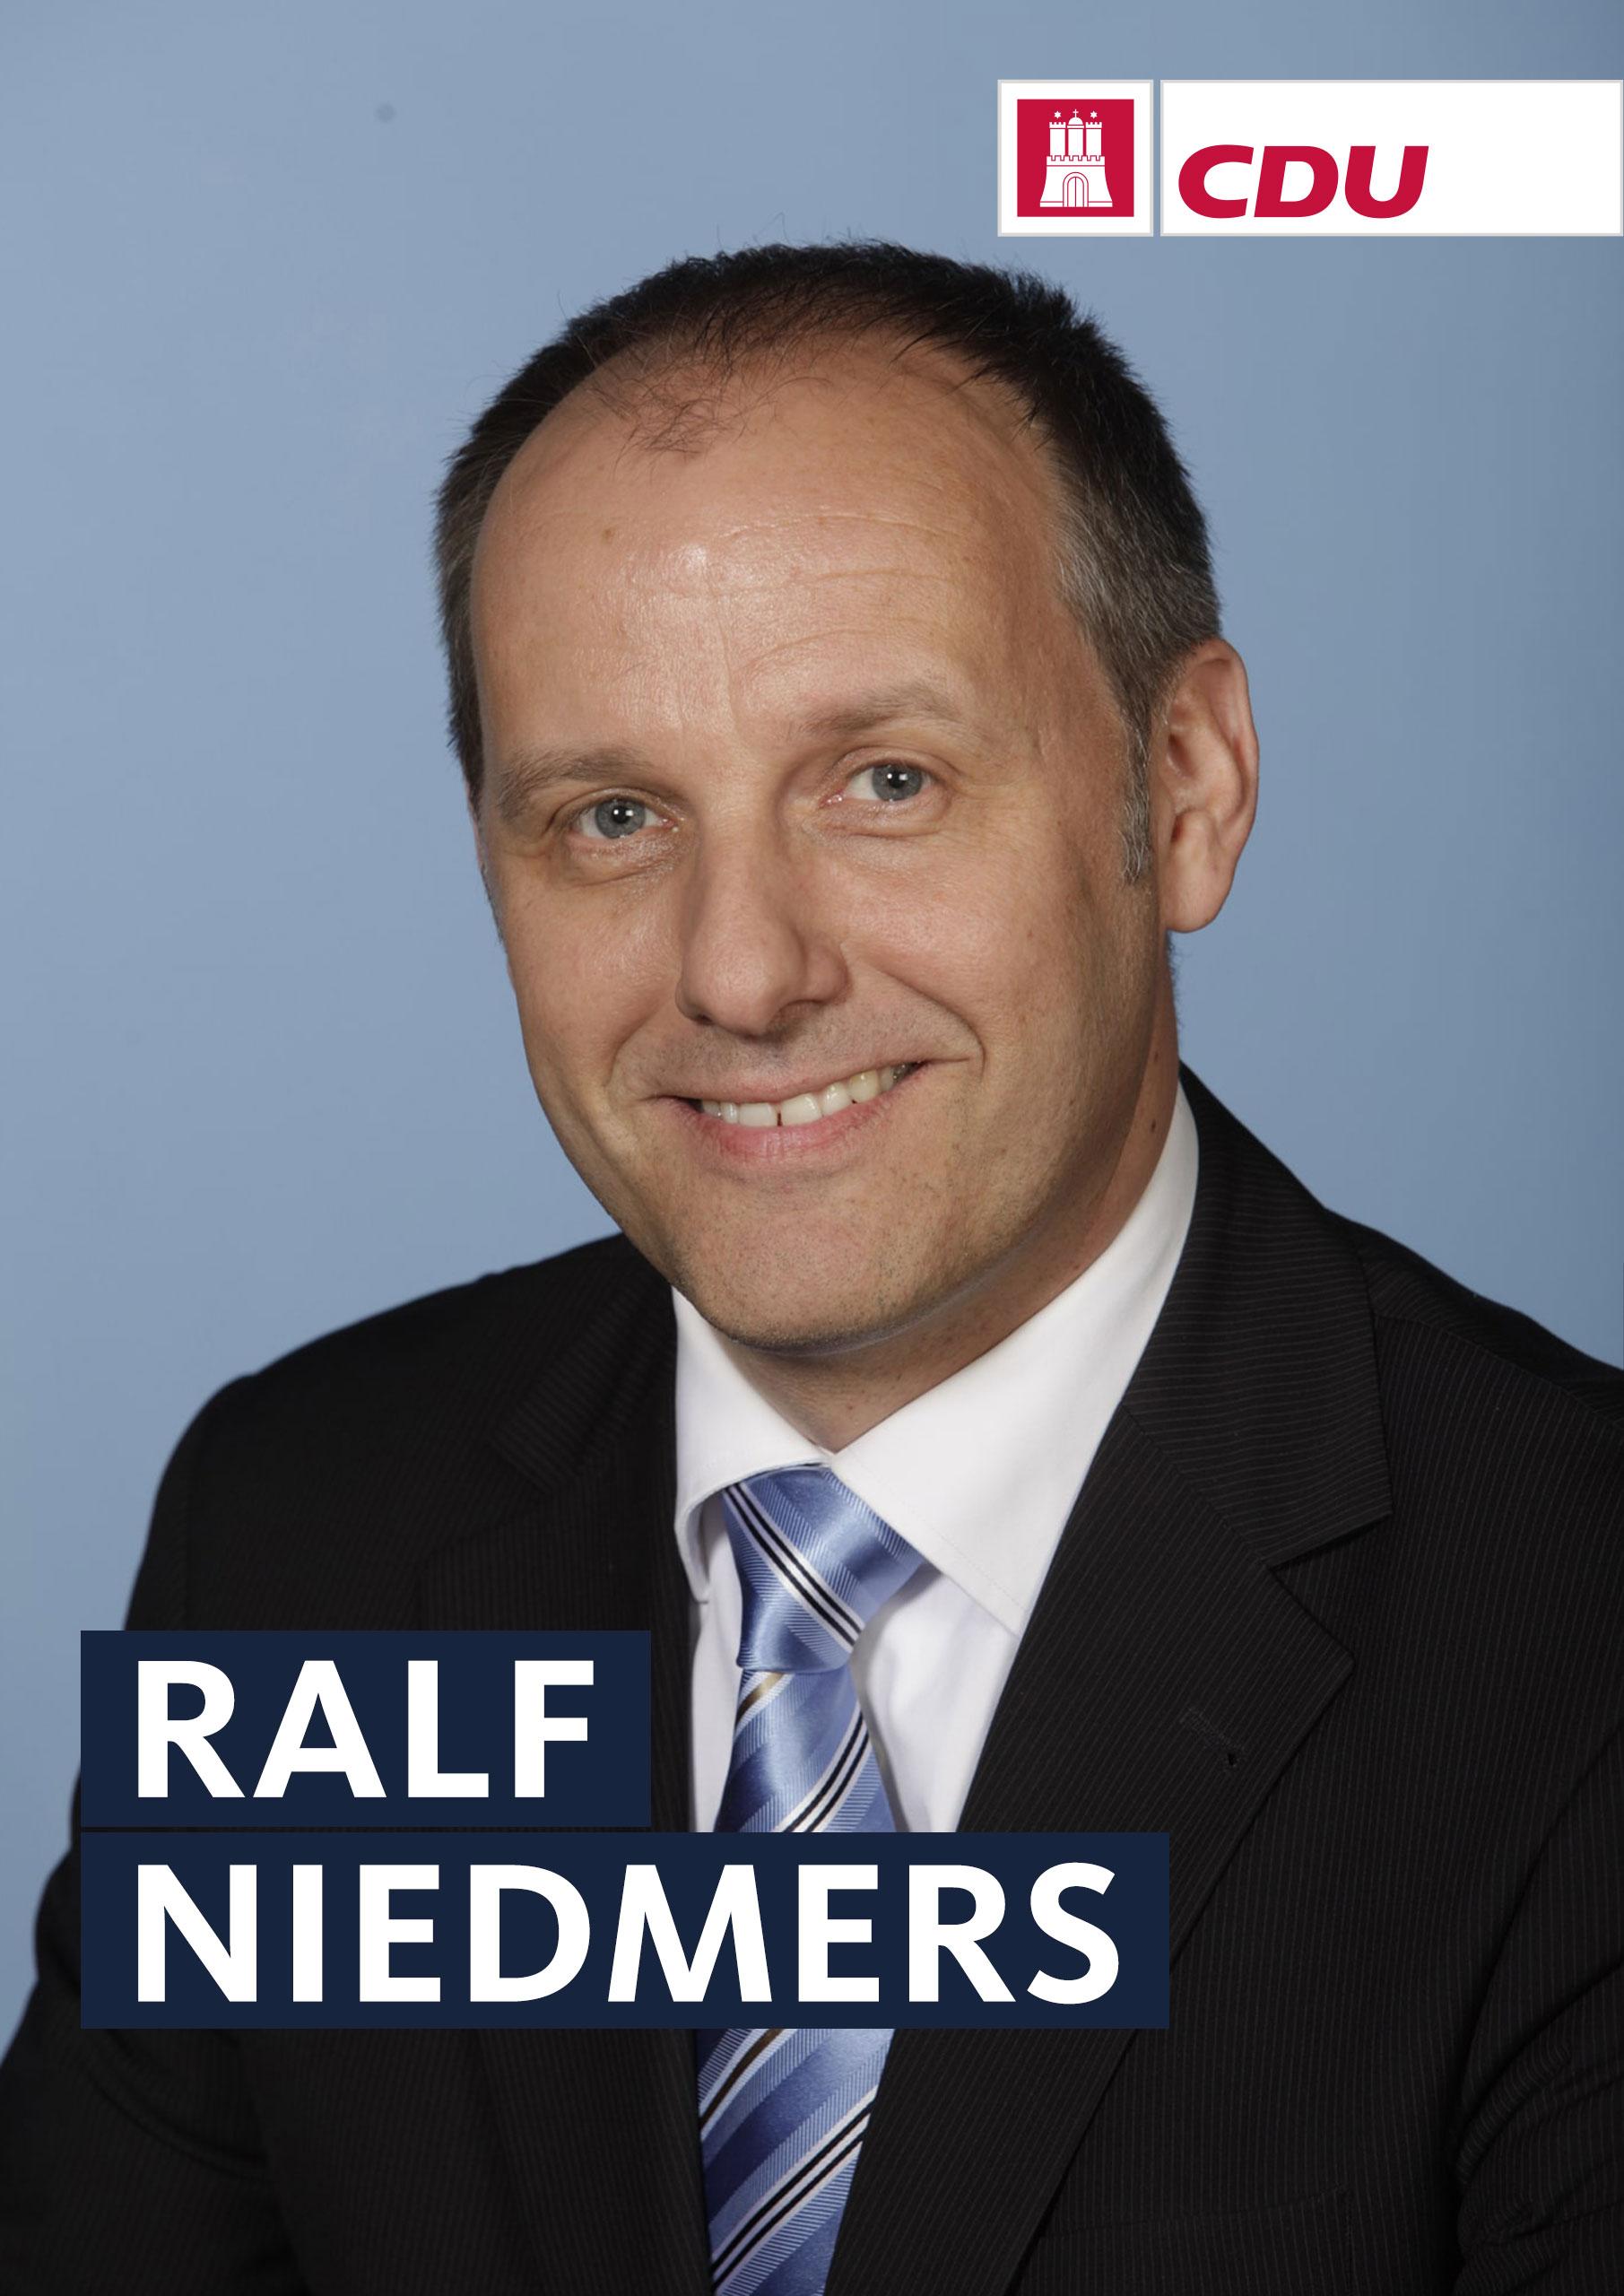 Ralf Niedmers CDU